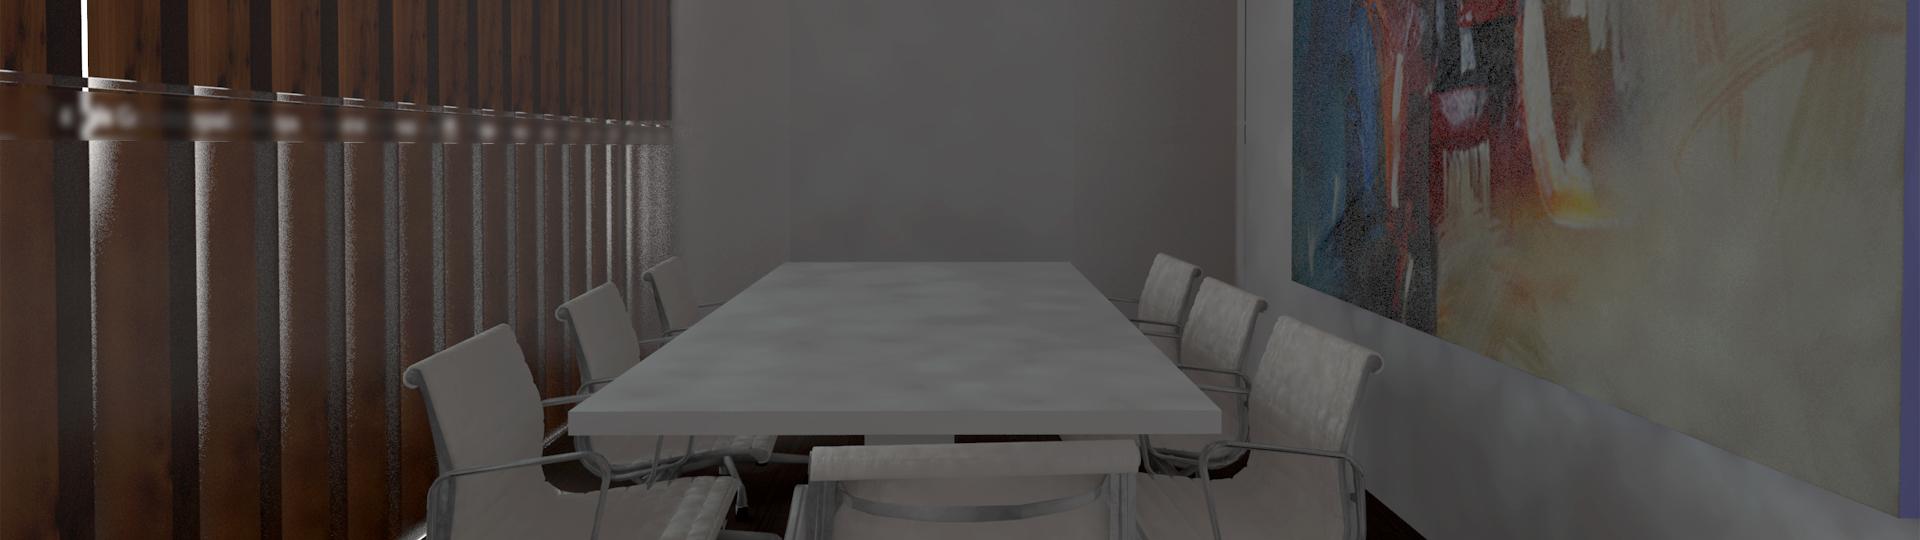 Workspace01-05